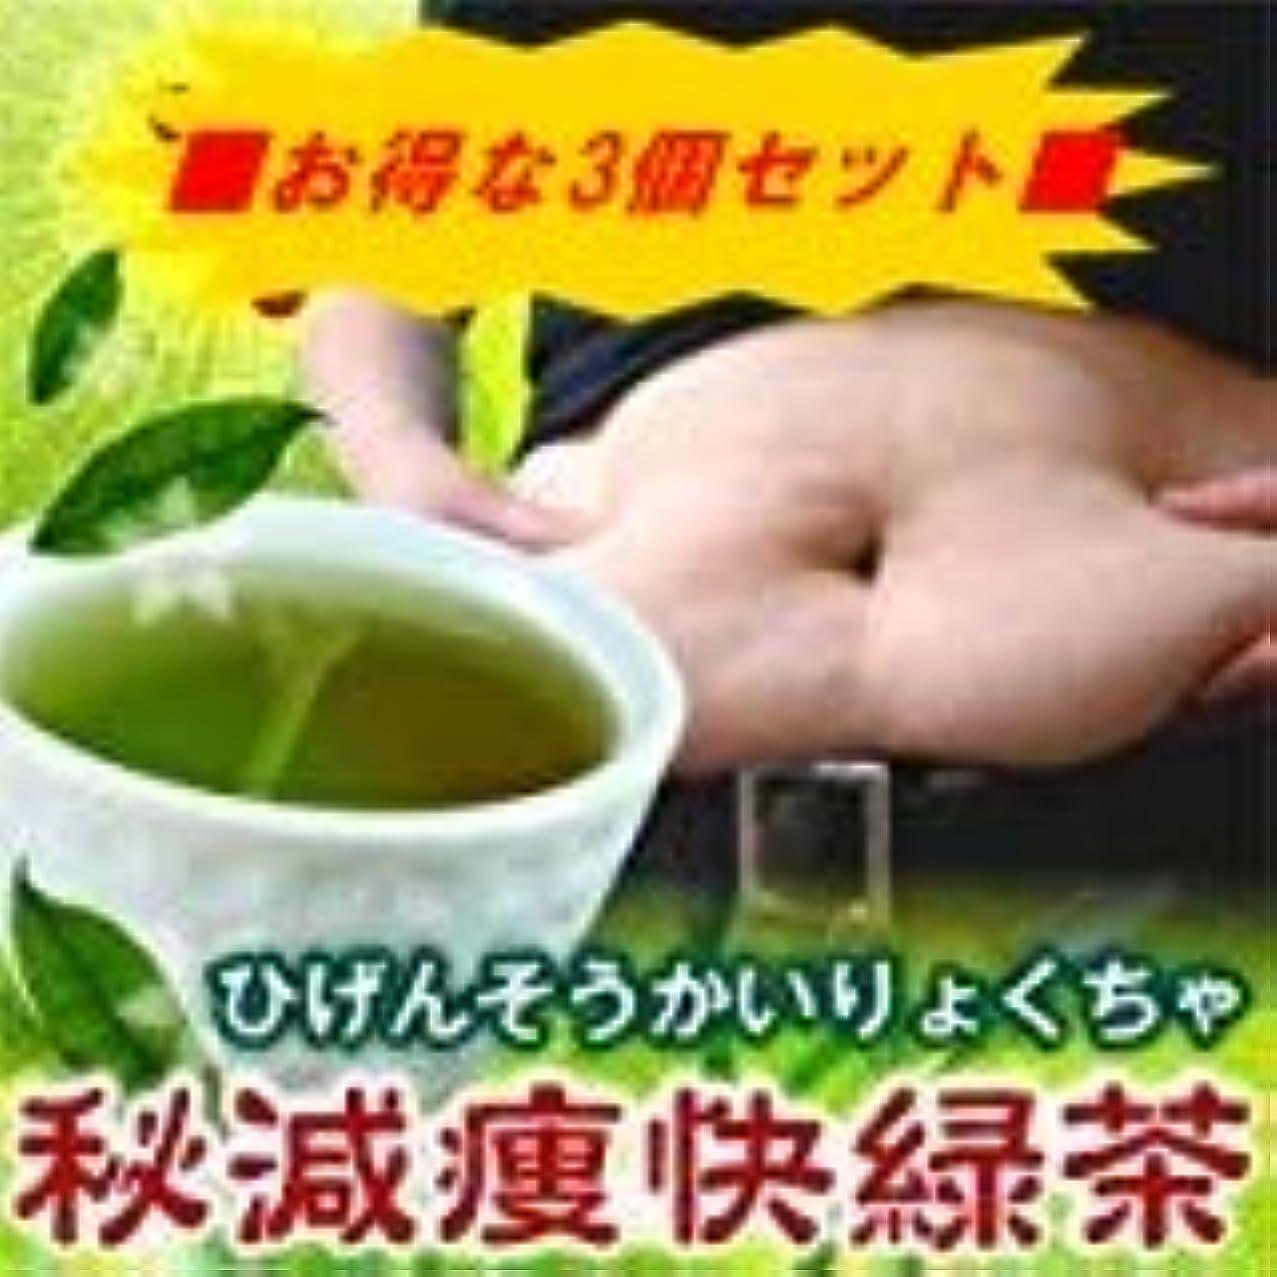 母性受けるディーラー秘減痩快緑茶(ひげんそうかいりょくちゃ) 3個セット?